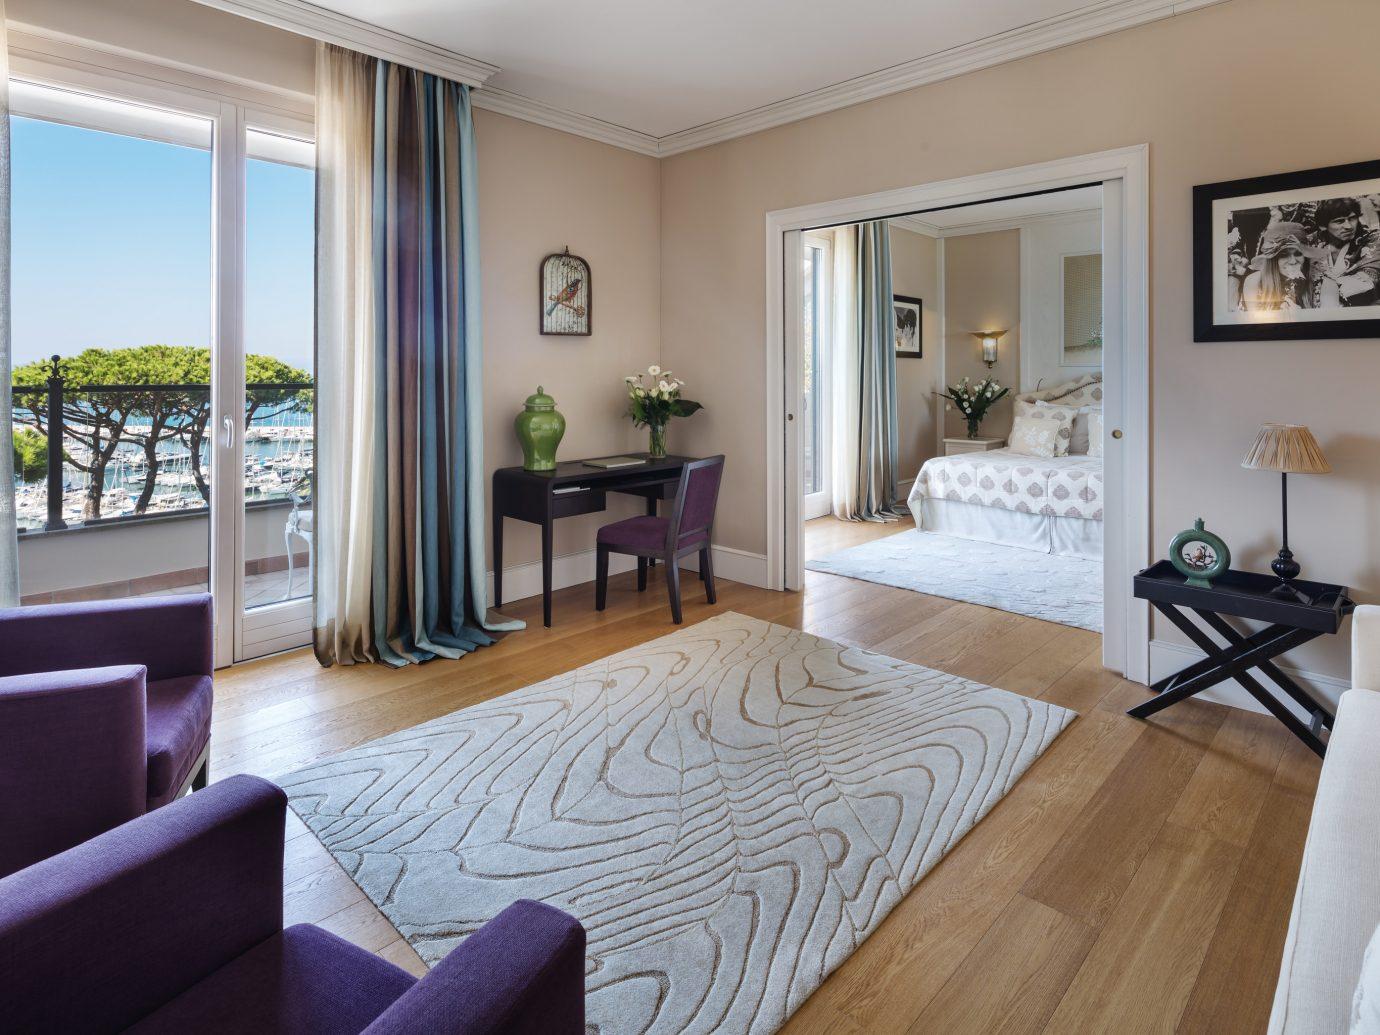 Bedroom at Baglioni Hotel Cala del Porto